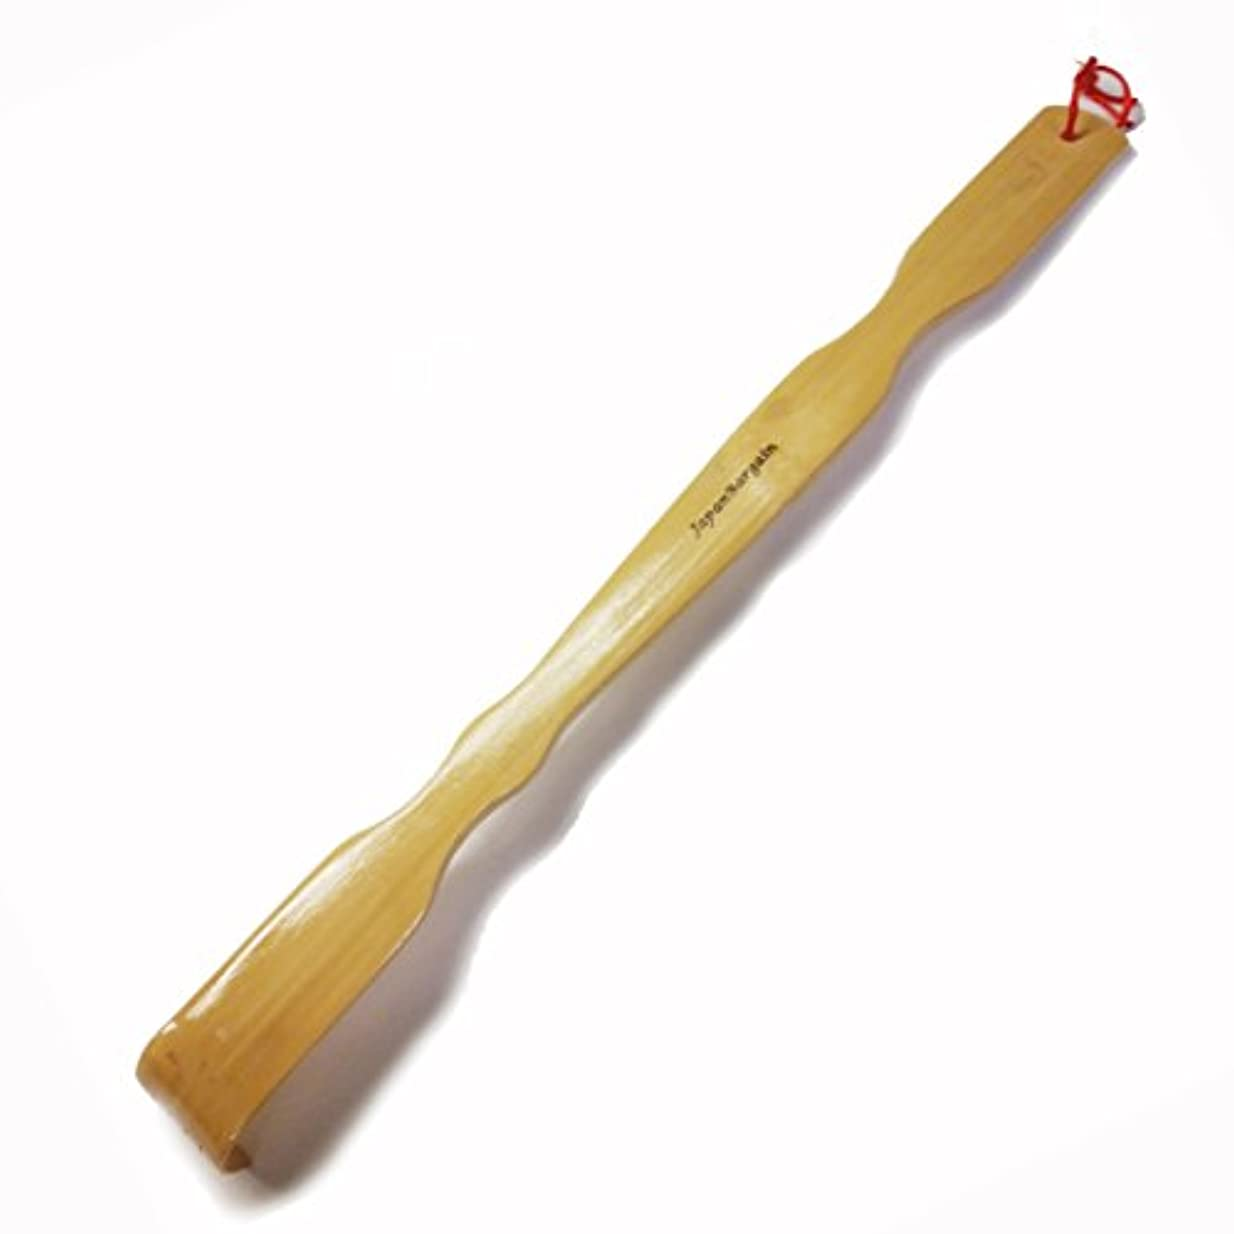 取得するそこからハーネスJapanBargain Bamboo Back Scratcher 17.5 Long by JapanBargain